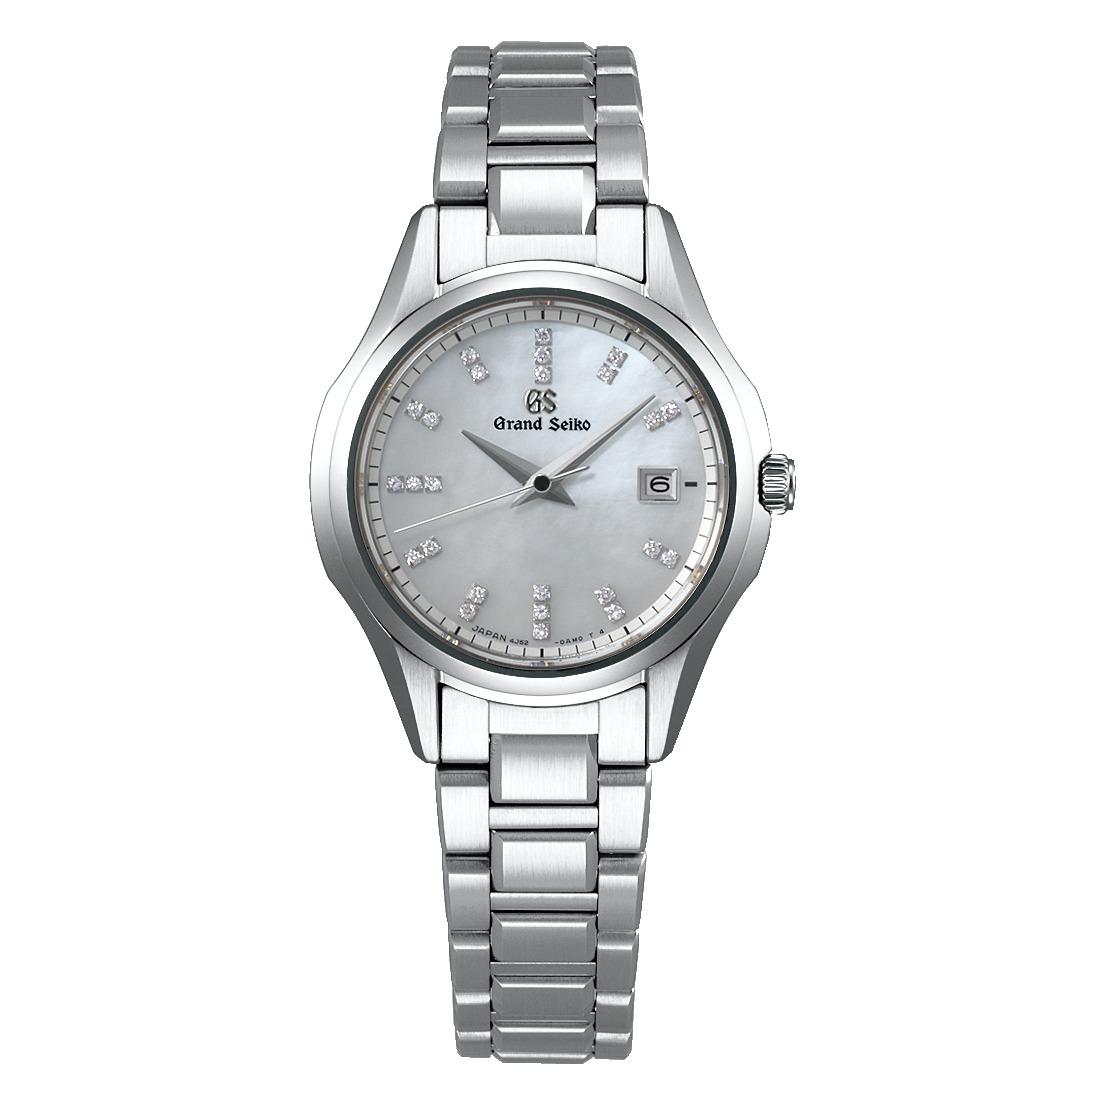 グランドセイコー Grand Seiko 正規メーカー保証3年 STGF283 クォーツモデル 正規品 腕時計